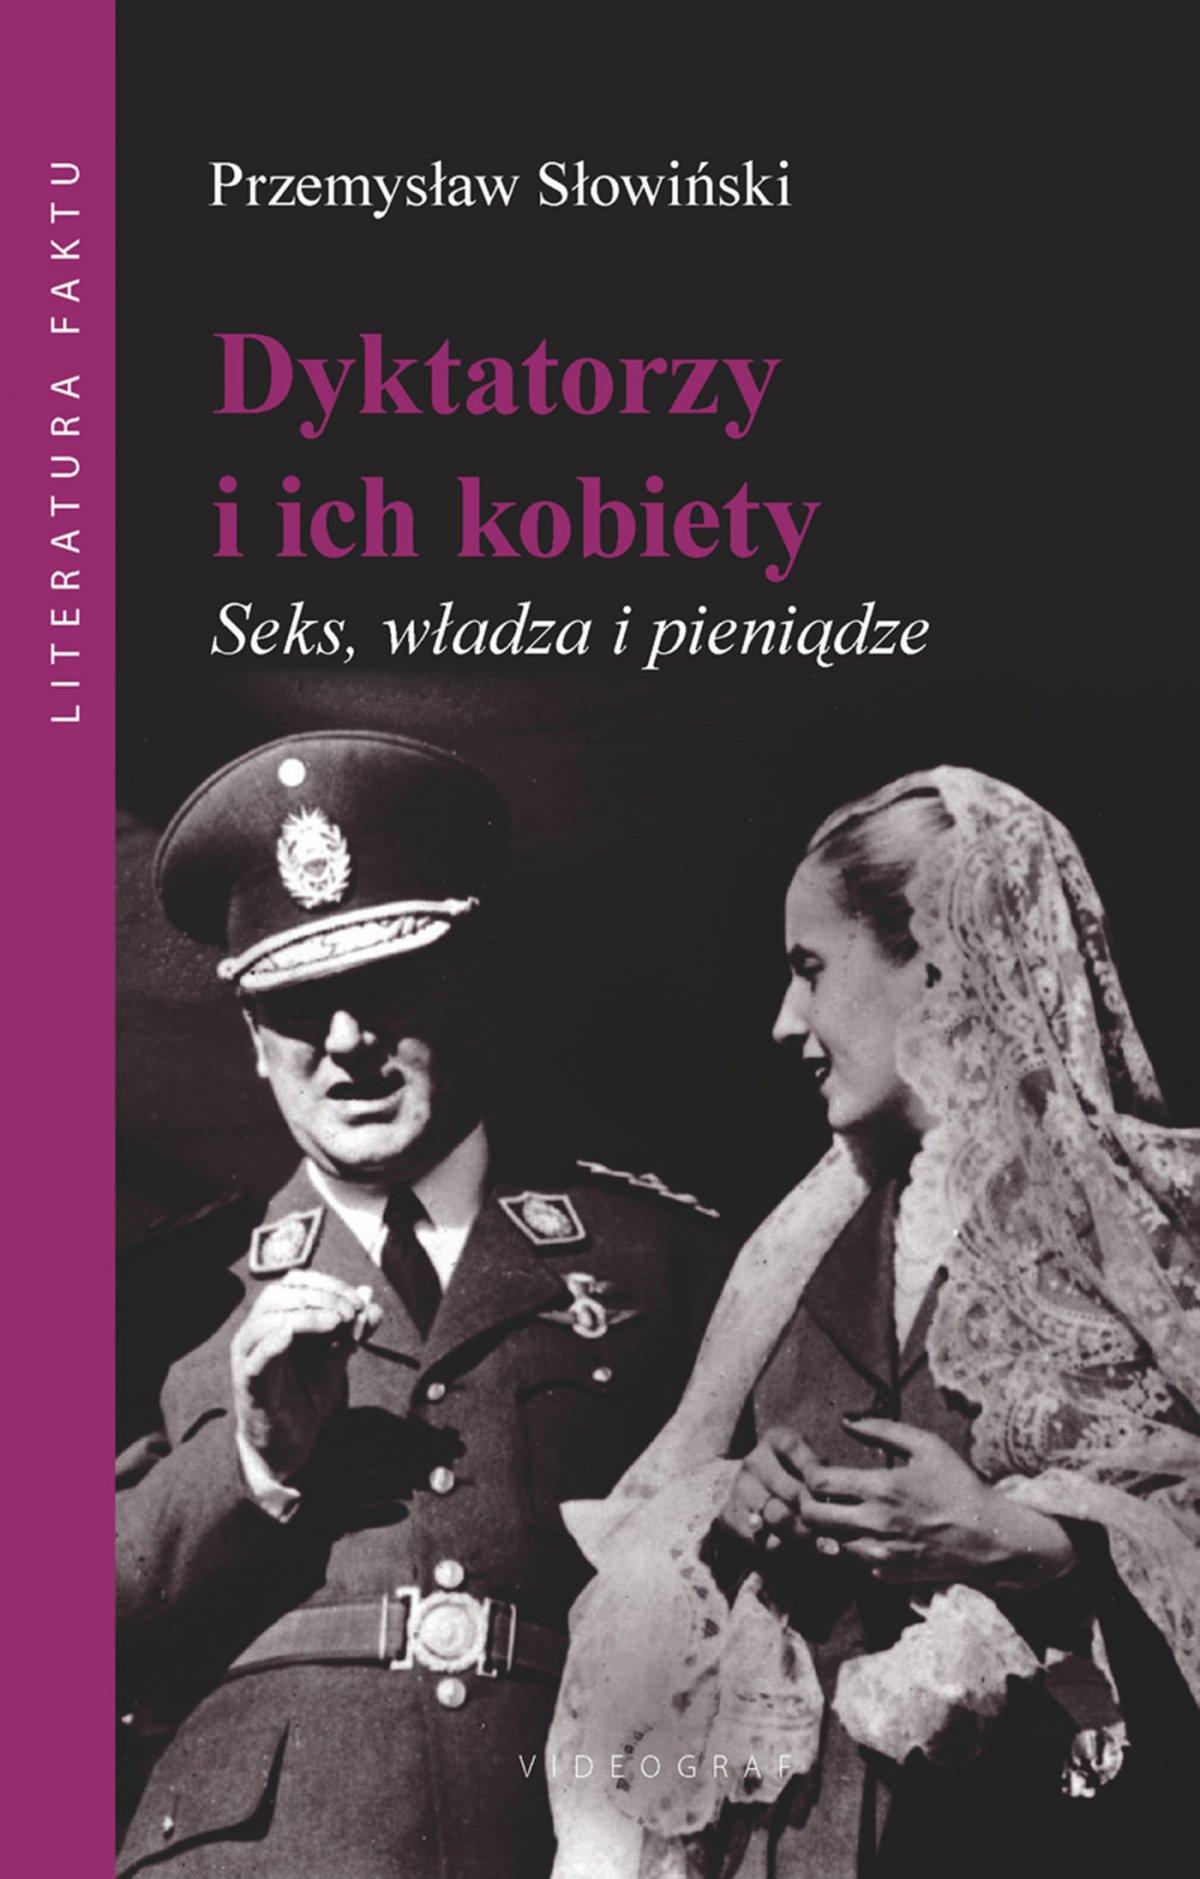 Dyktatorzy i ich kobiety. Seks, władza i pieniądze - Ebook (Książka EPUB) do pobrania w formacie EPUB